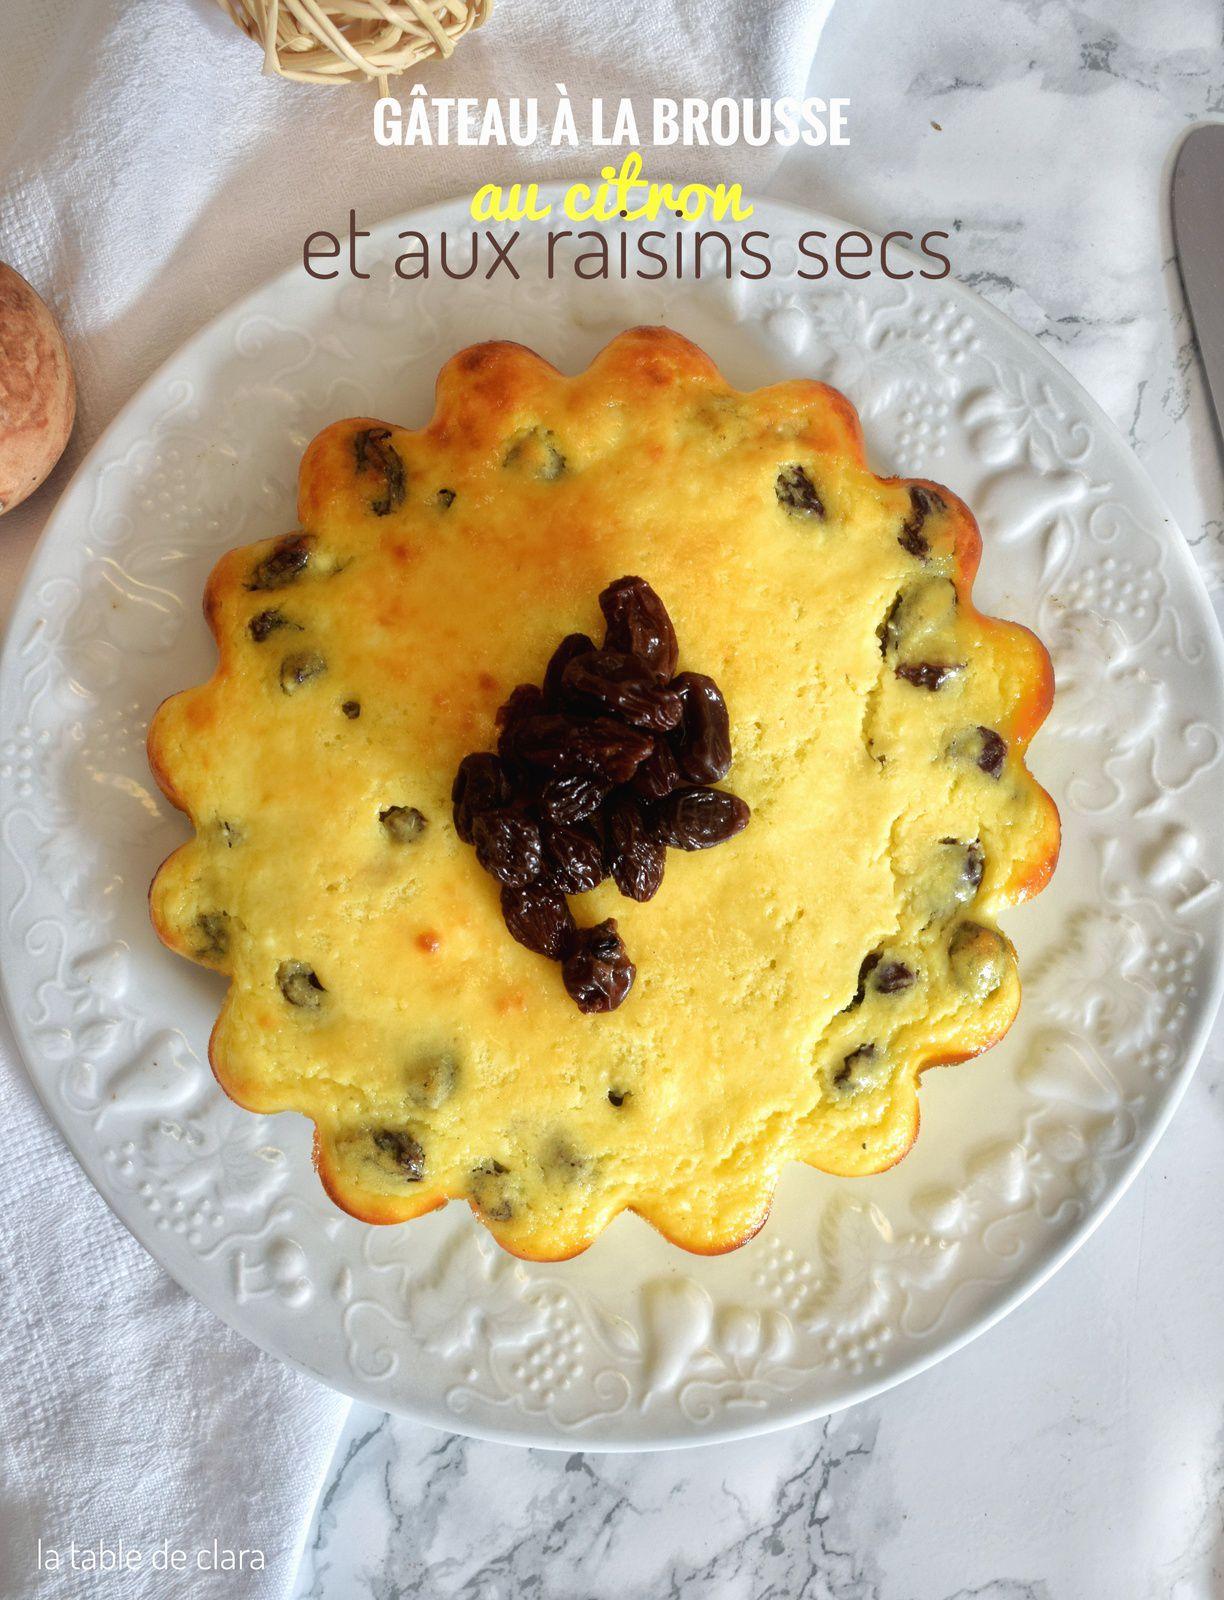 Gâteau à la brousse au citron et aux raisins secs